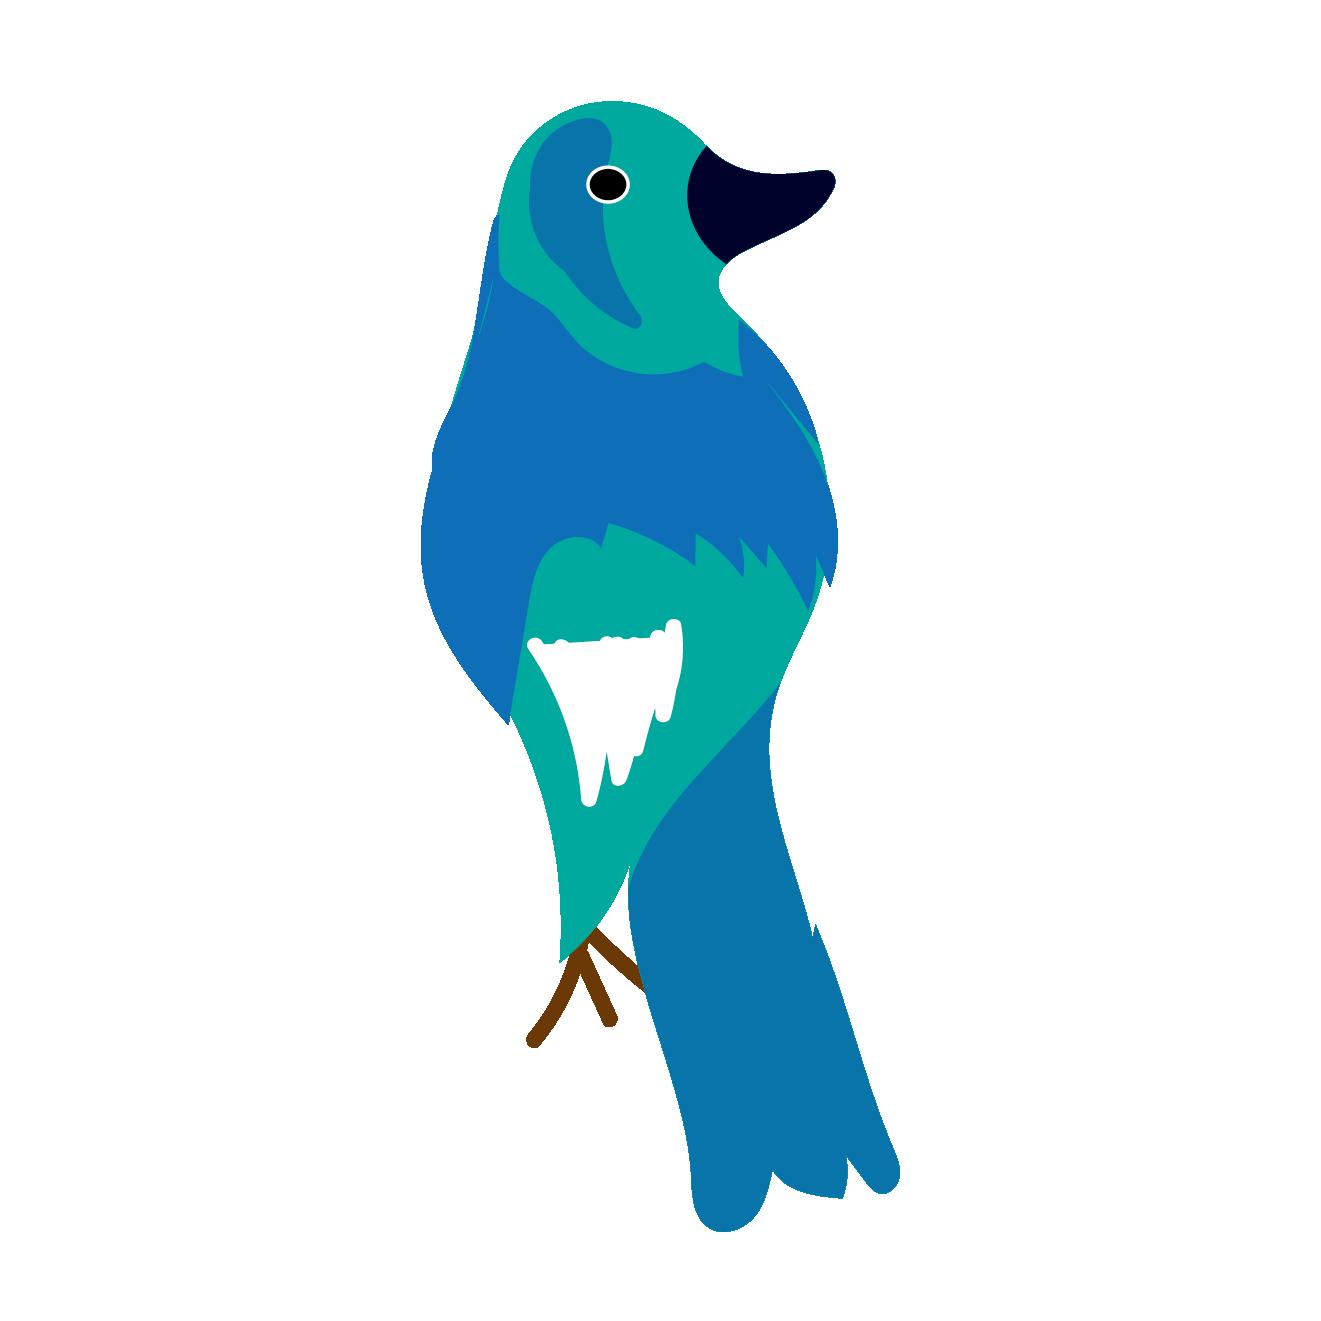 かわいい鳥バードのイラスト 年賀状ワンポイントイラスト酉年